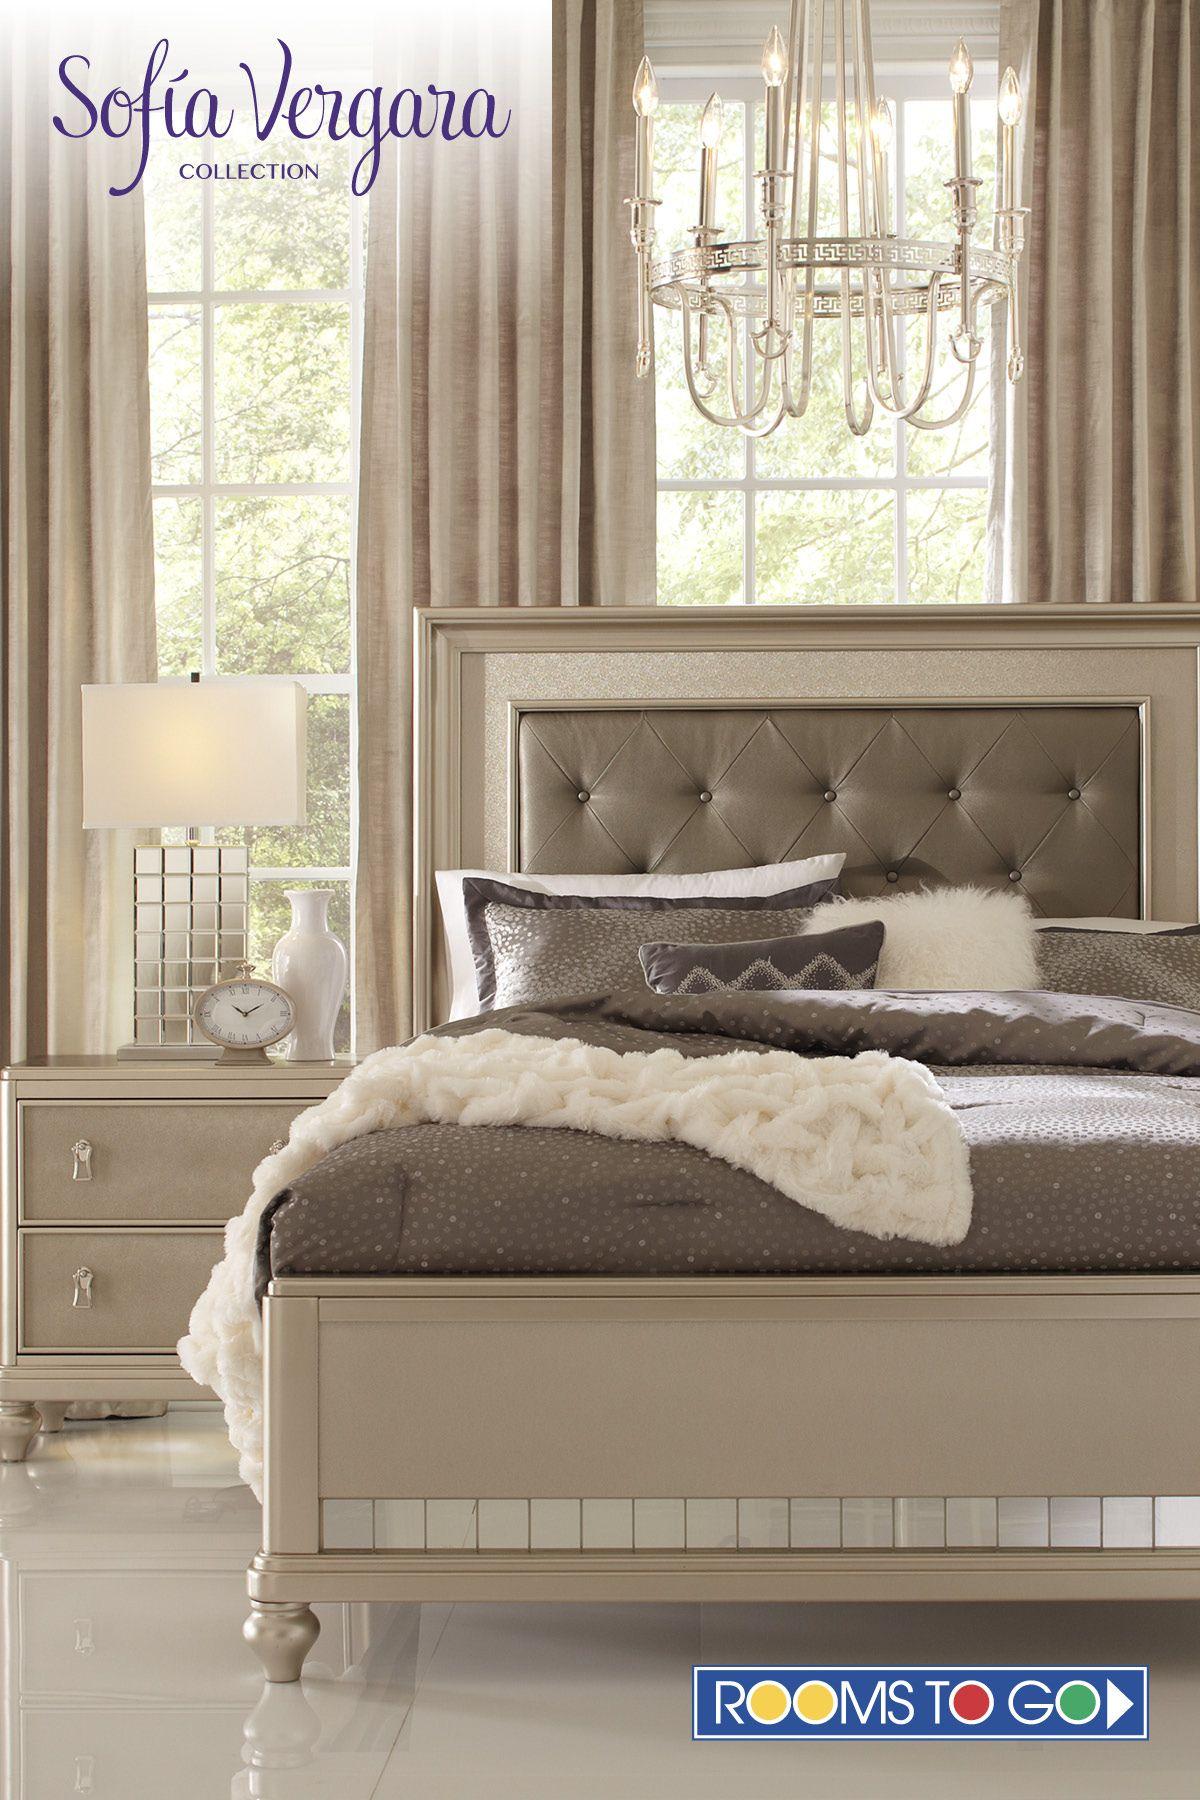 Sofia Vergara Paris Silver 5 Pc Queen Bedroom Champagne Bedroom Luxury Bedroom Furniture Bedroom Design